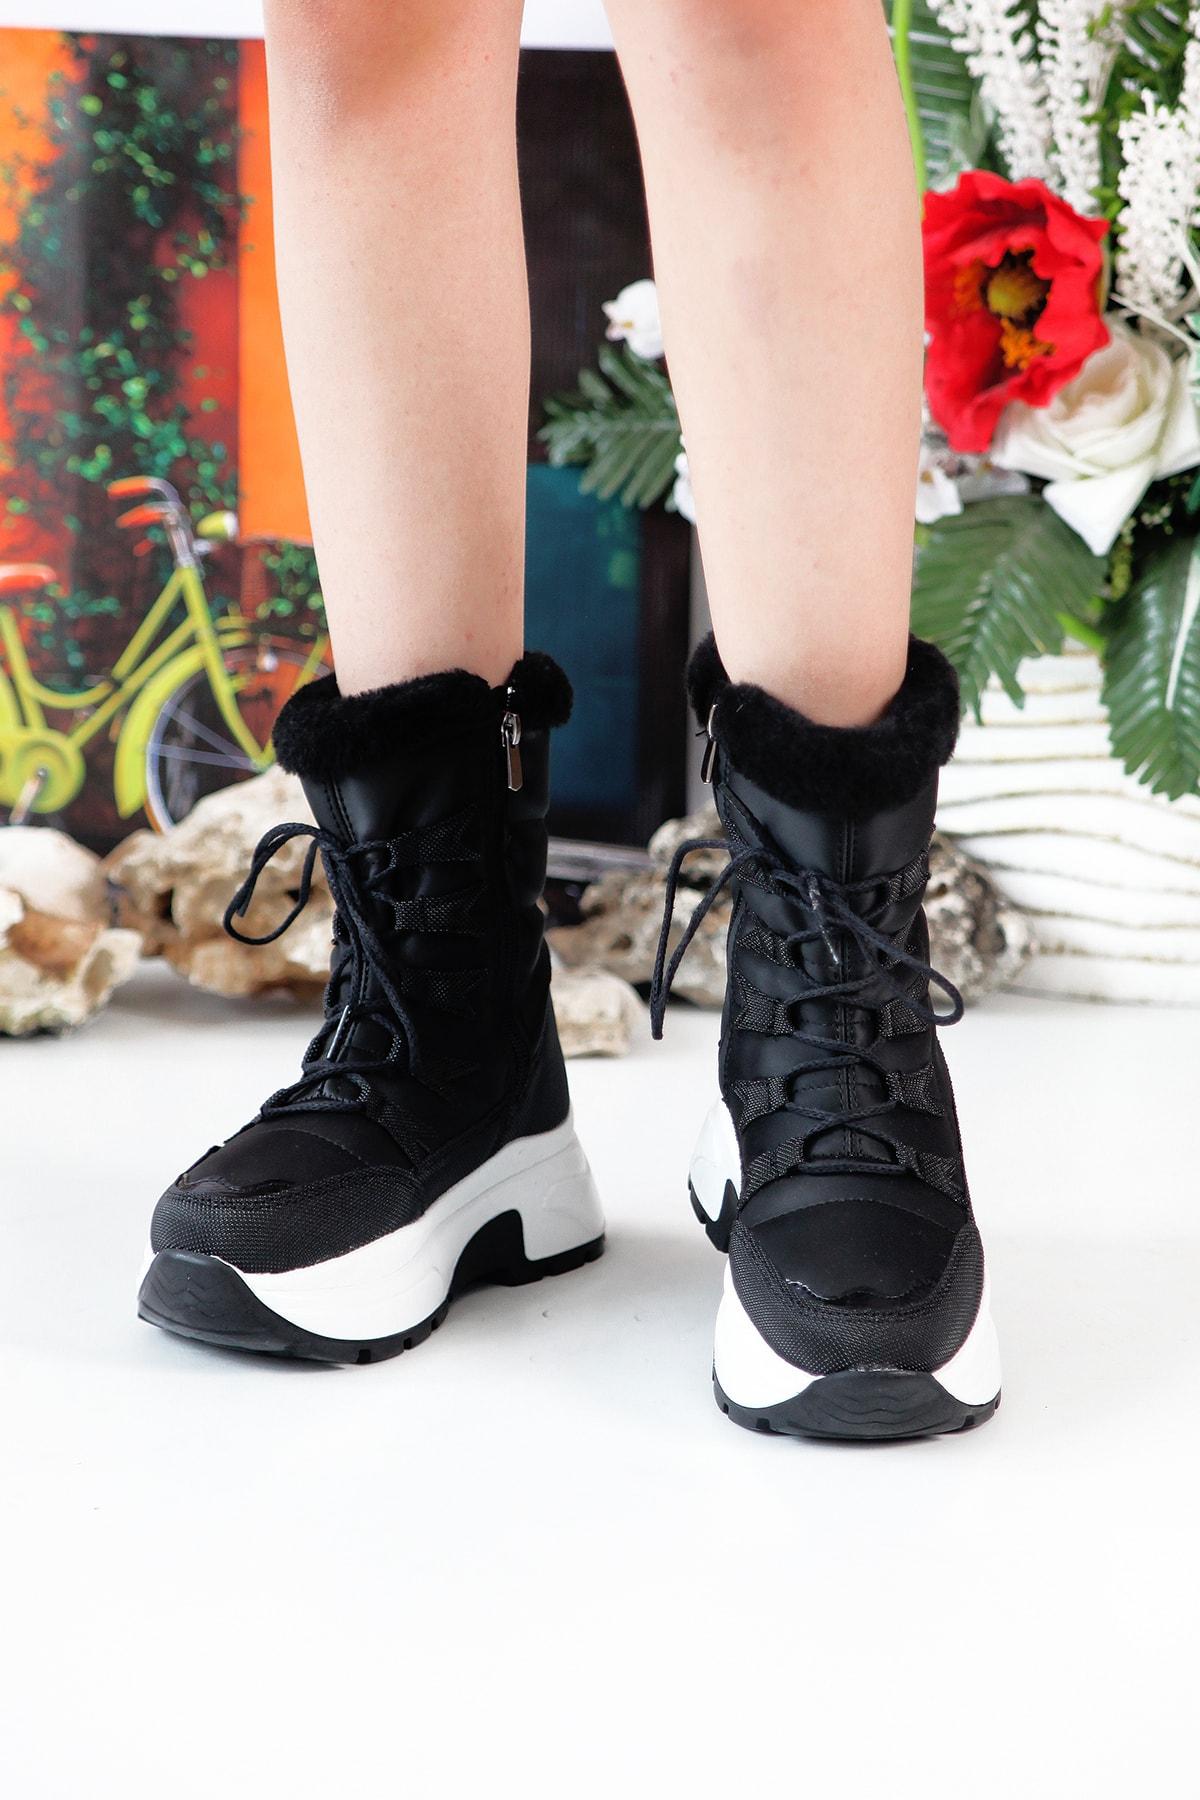 Twingo 7455 Kürklü Kadın Bot Ayakkabı 2